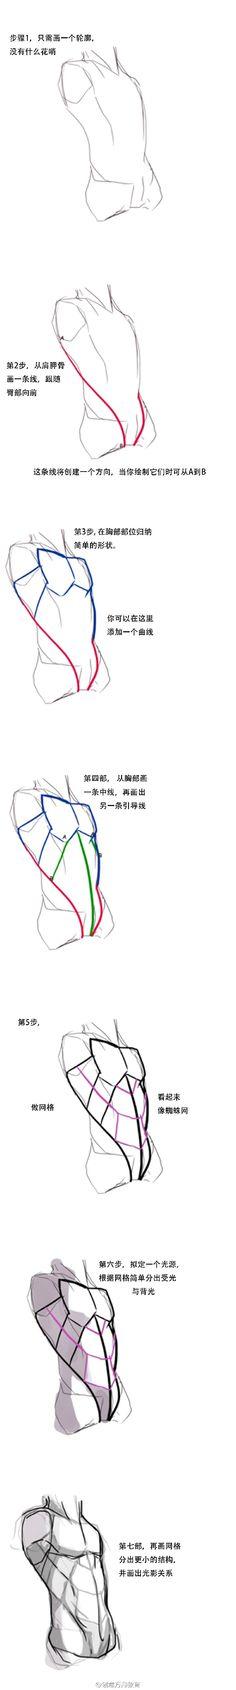 《上半身体块画法》,只要造型对了,结构就... 来自创意方舟 - 微博